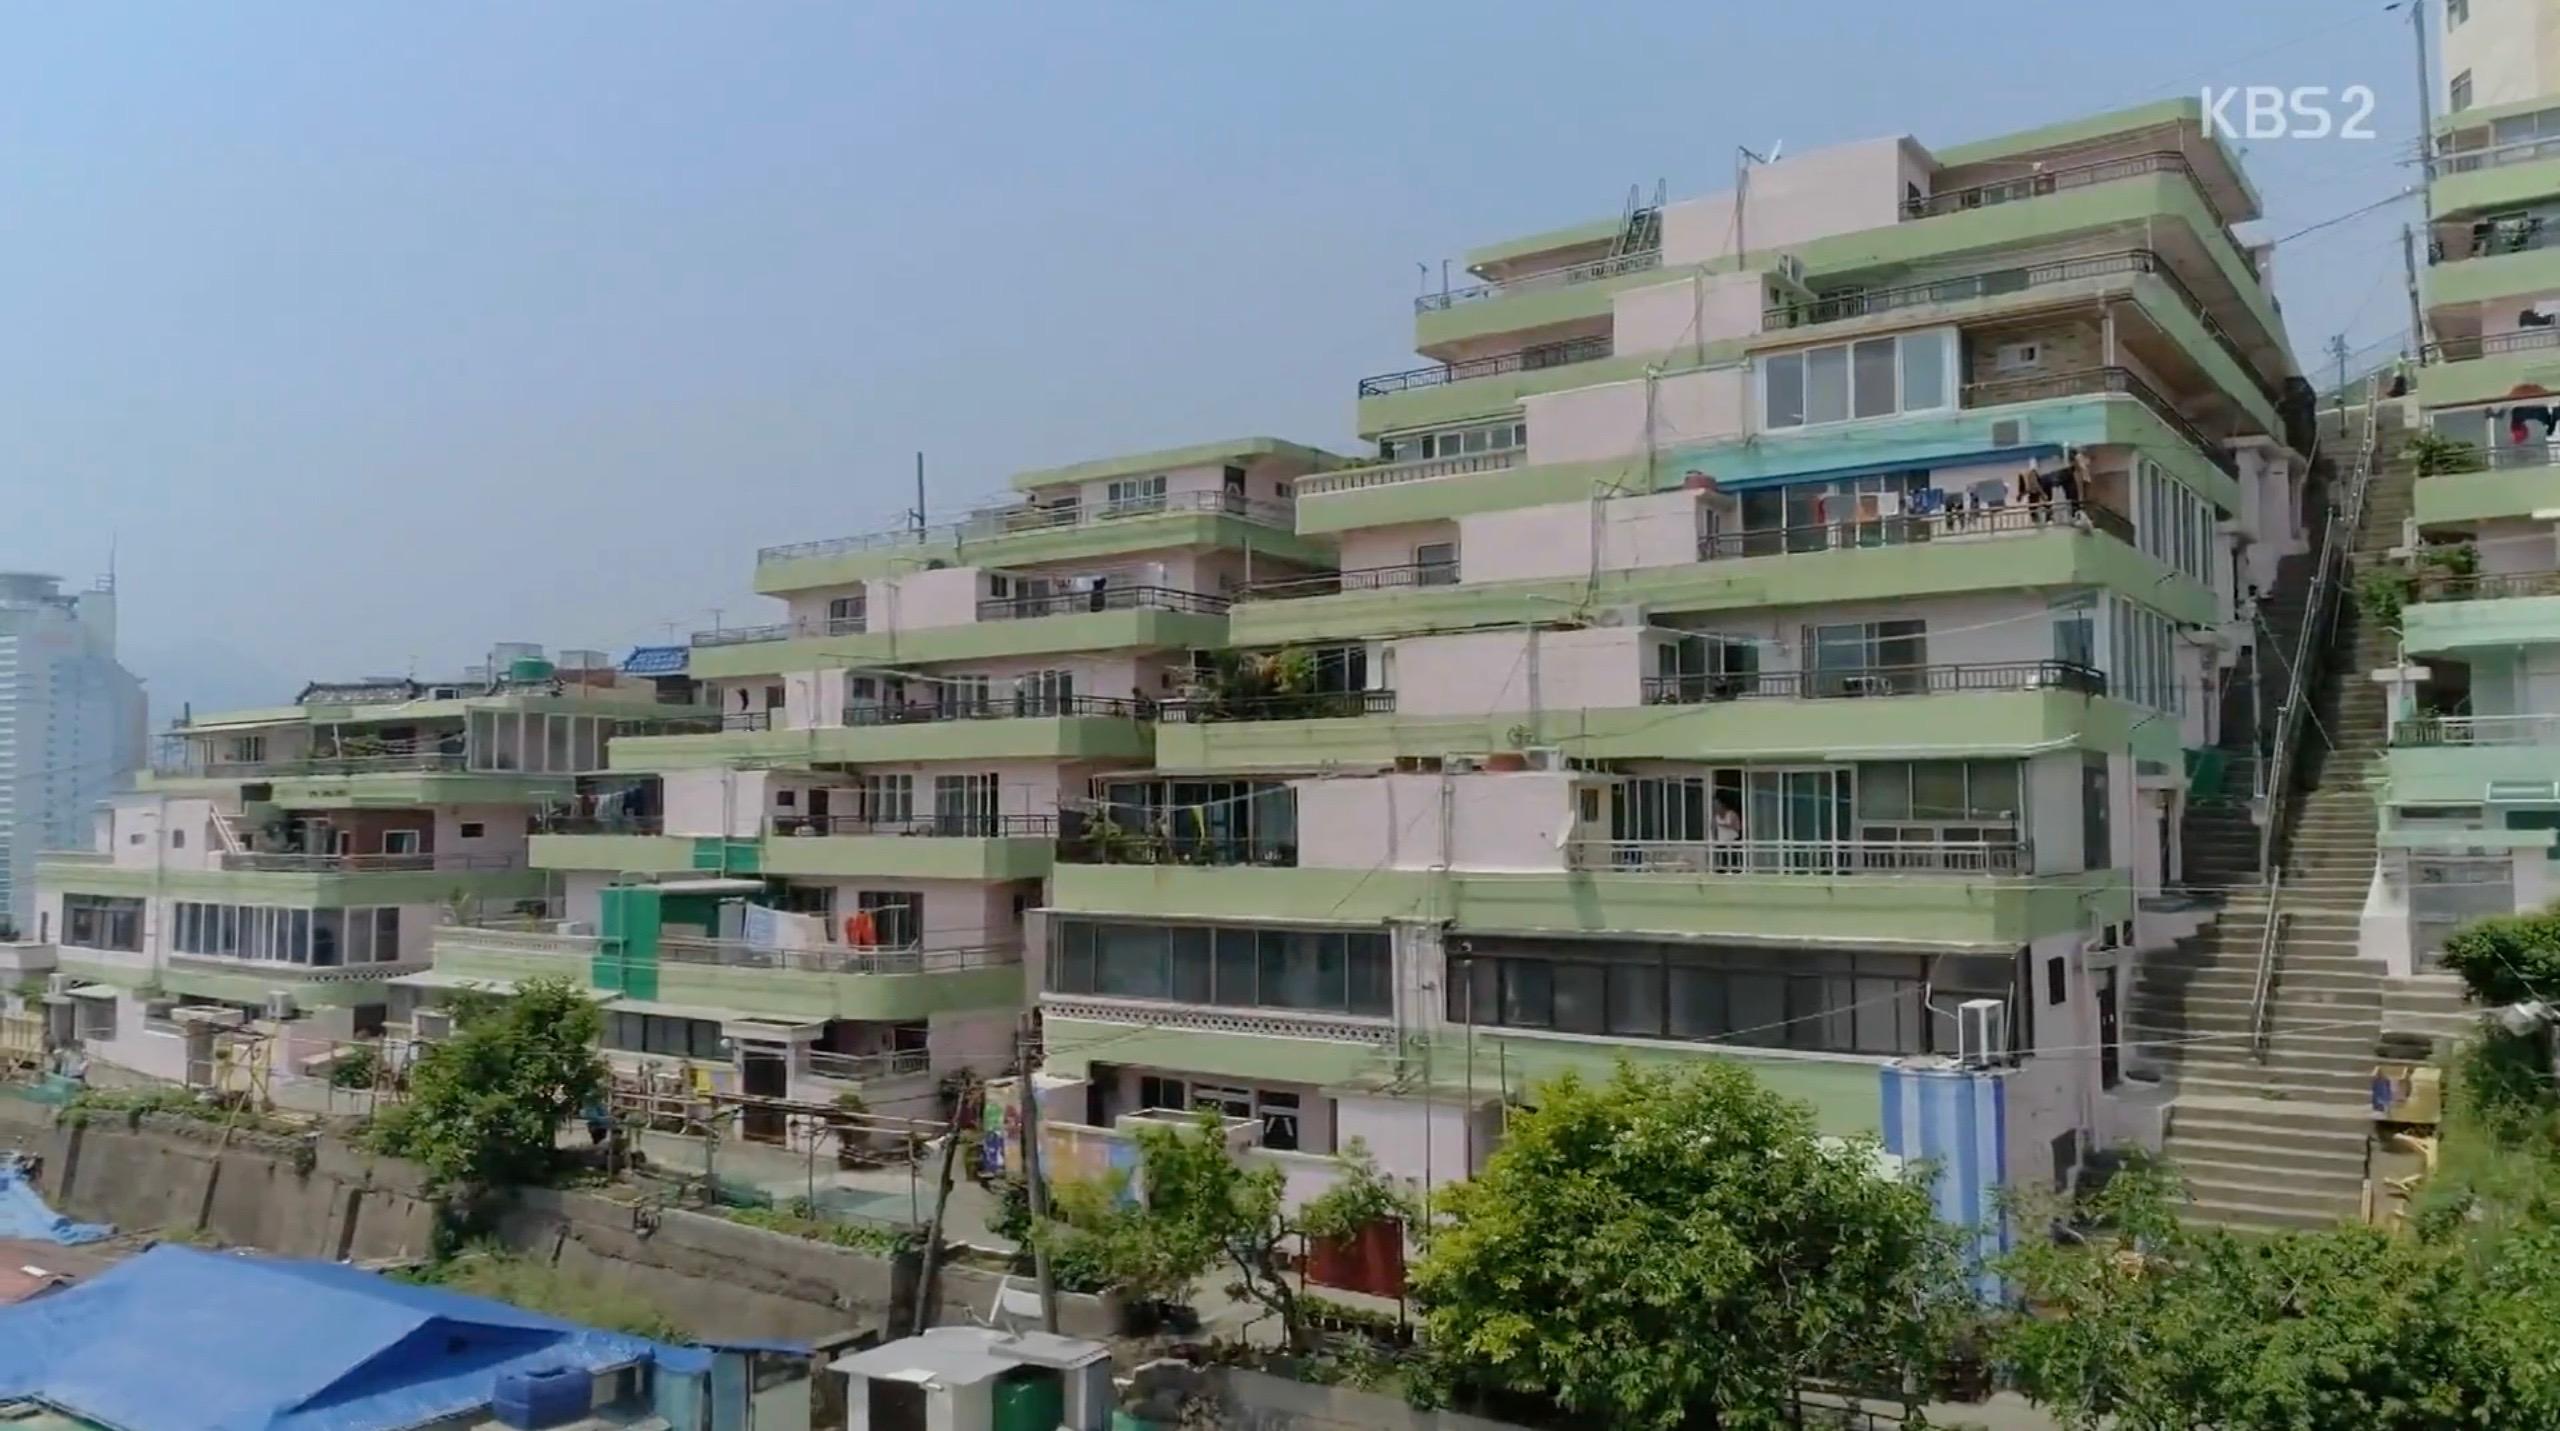 Hansung Apartment Buildings [한성주택]